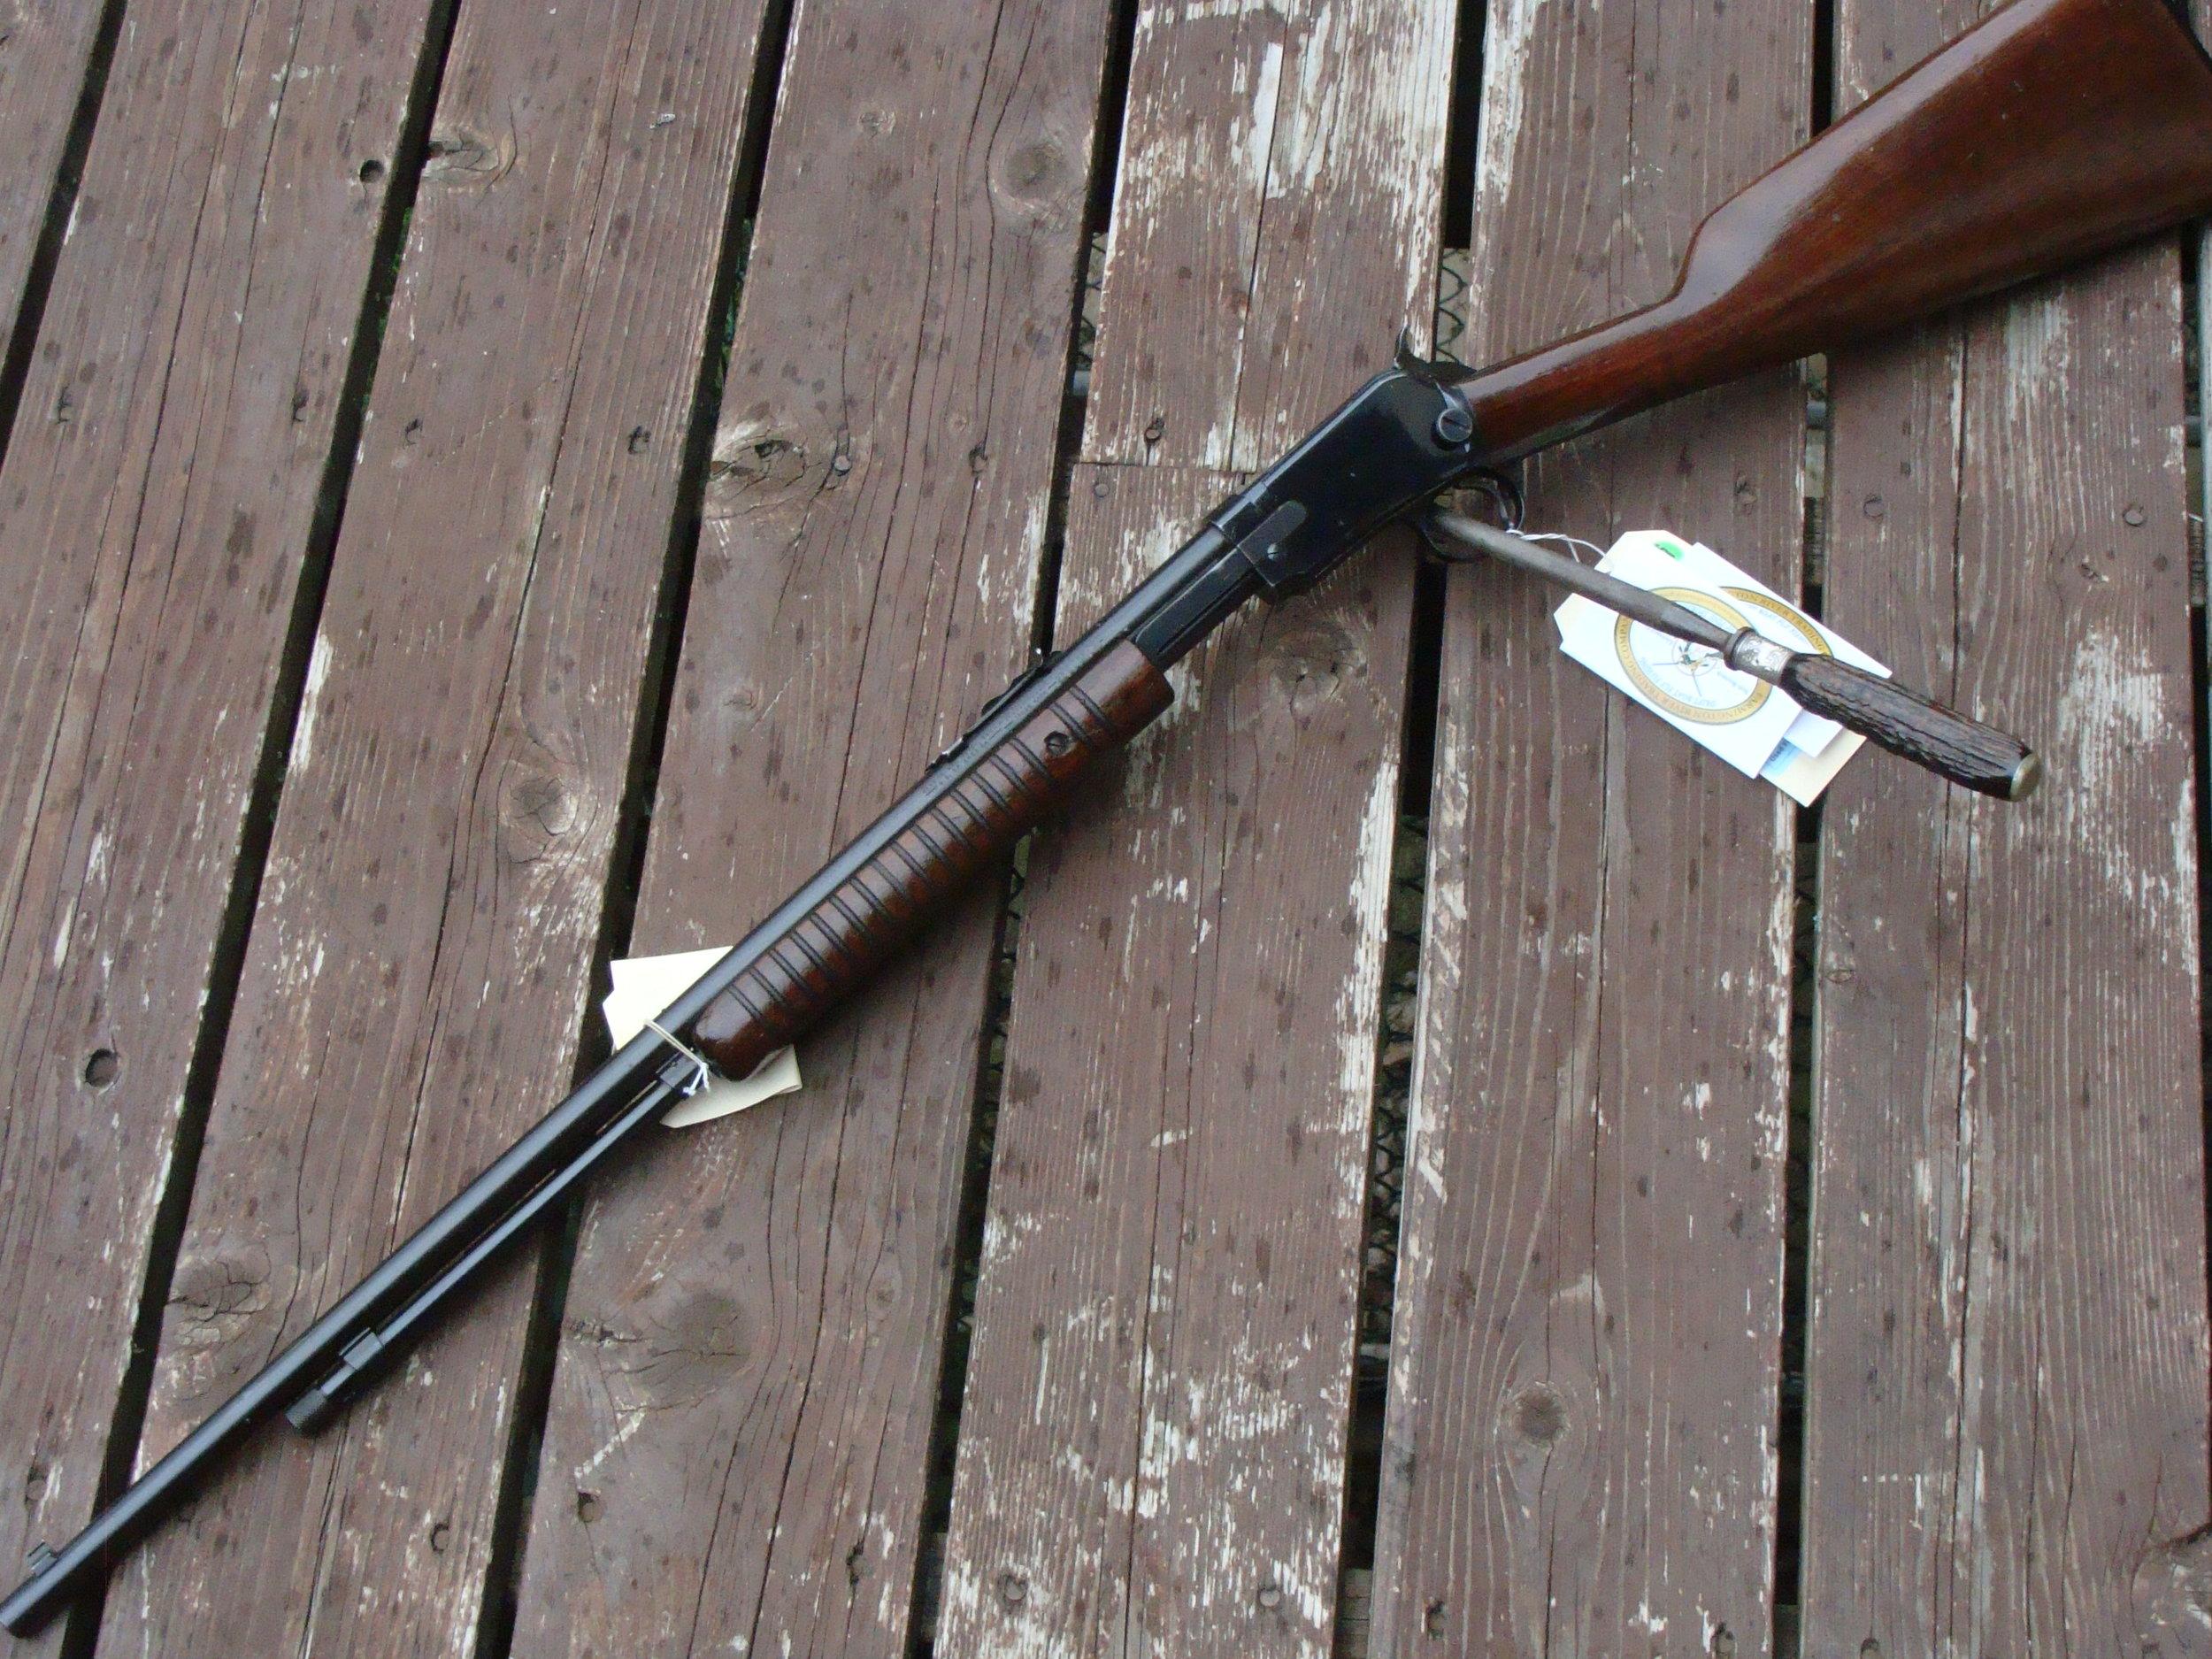 Original Winchester Model  62 .22 rifle